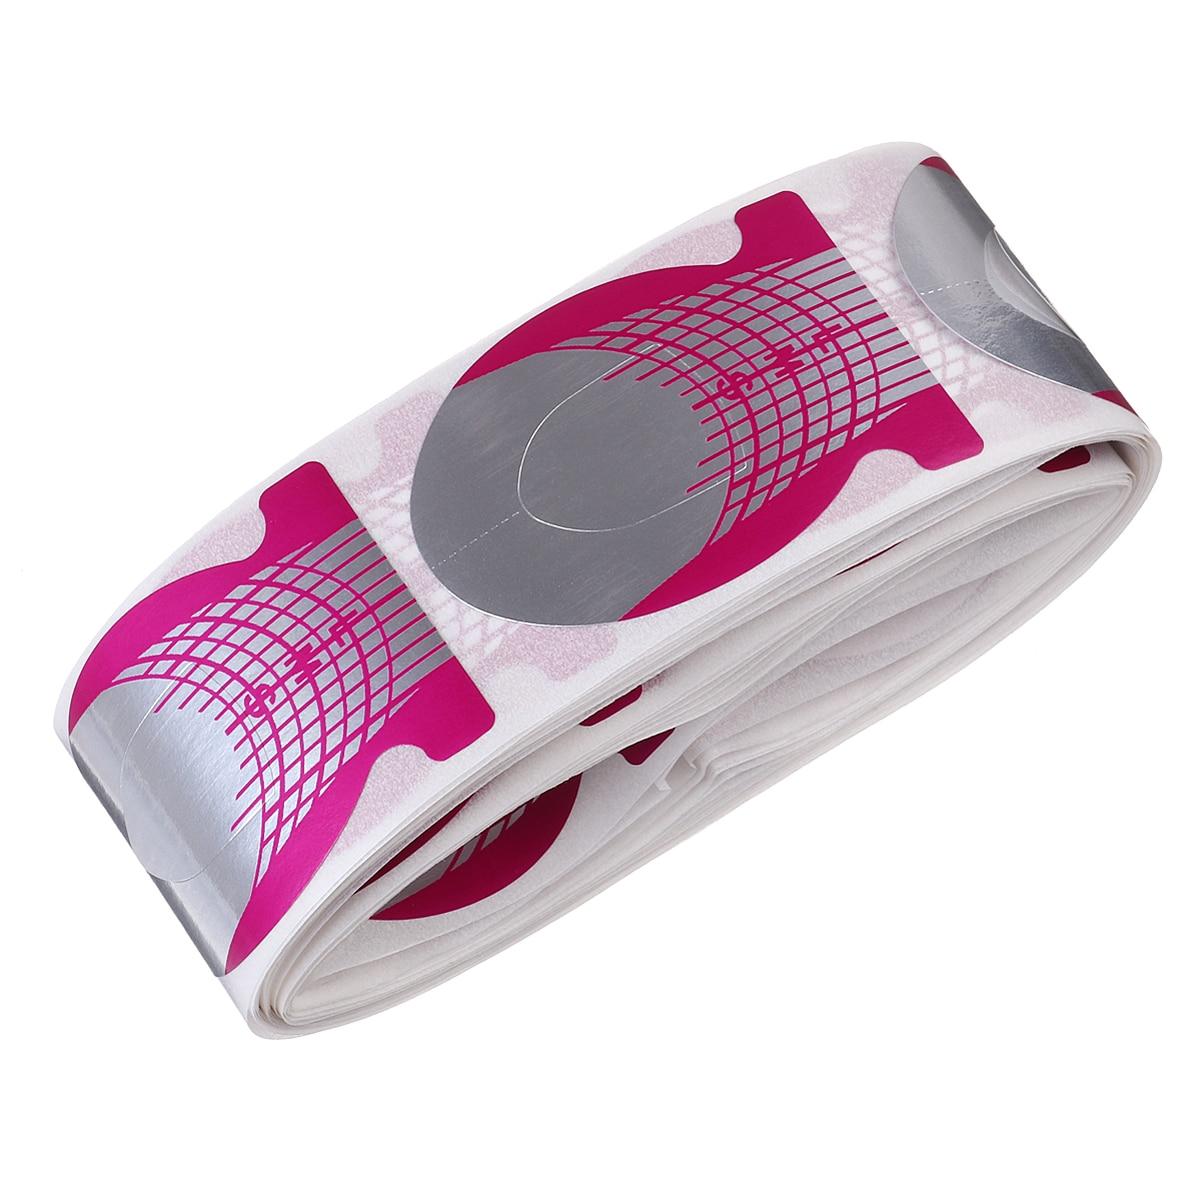 Monja 100 Uds uña Rosa artística forma de pez rojo francés extensión de puntas pegatinas acrílicas Gel polaco estilismo DIY herramientas de plantilla de guía